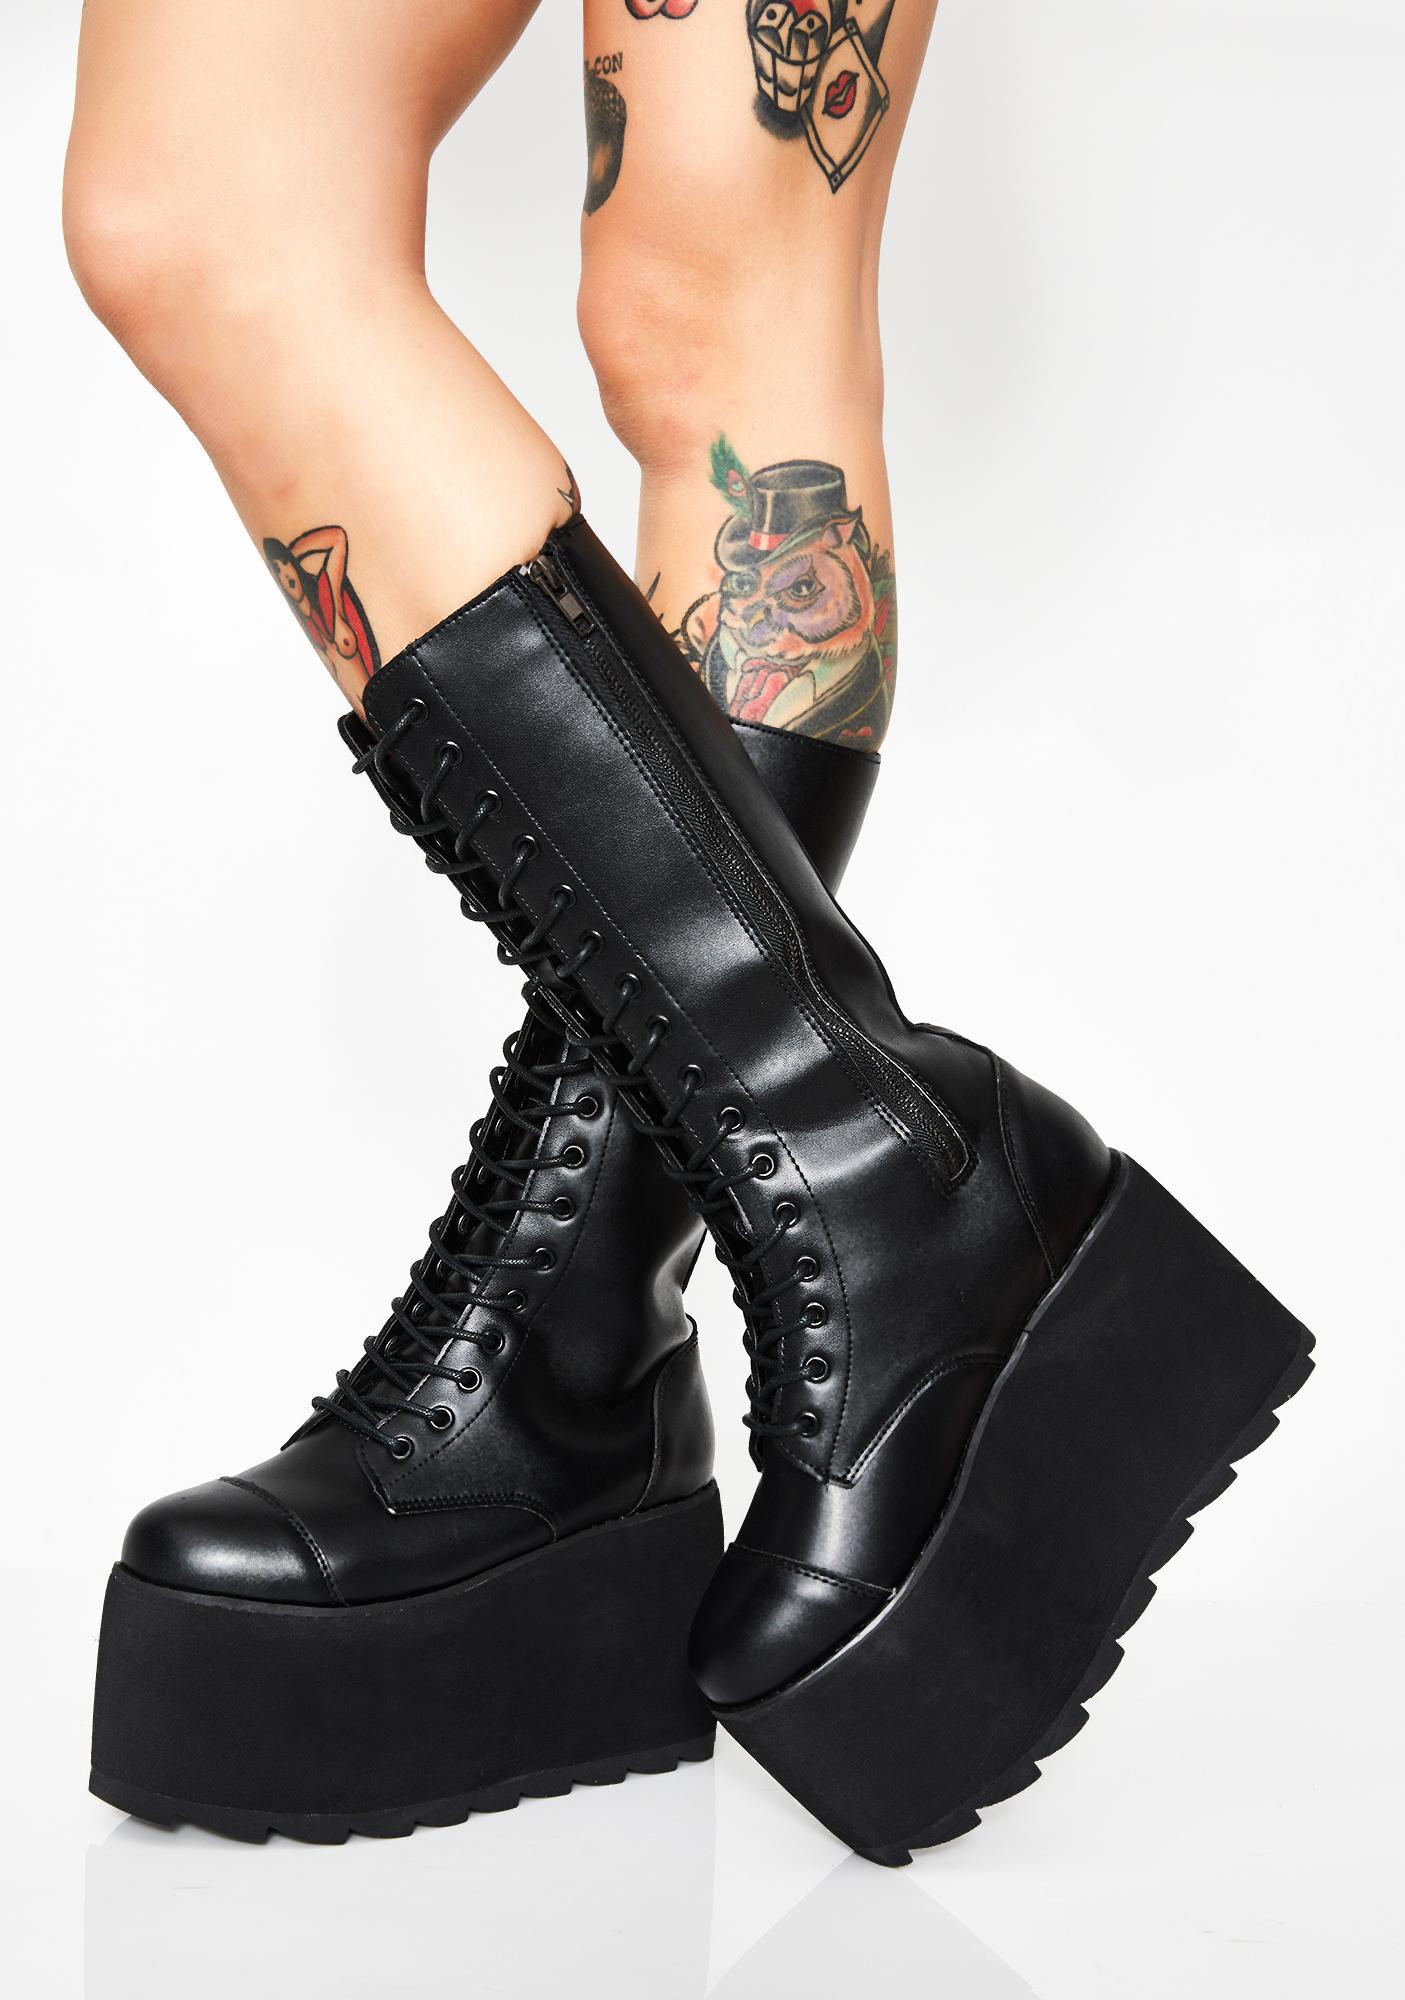 Y.R.U. Bloq Boots